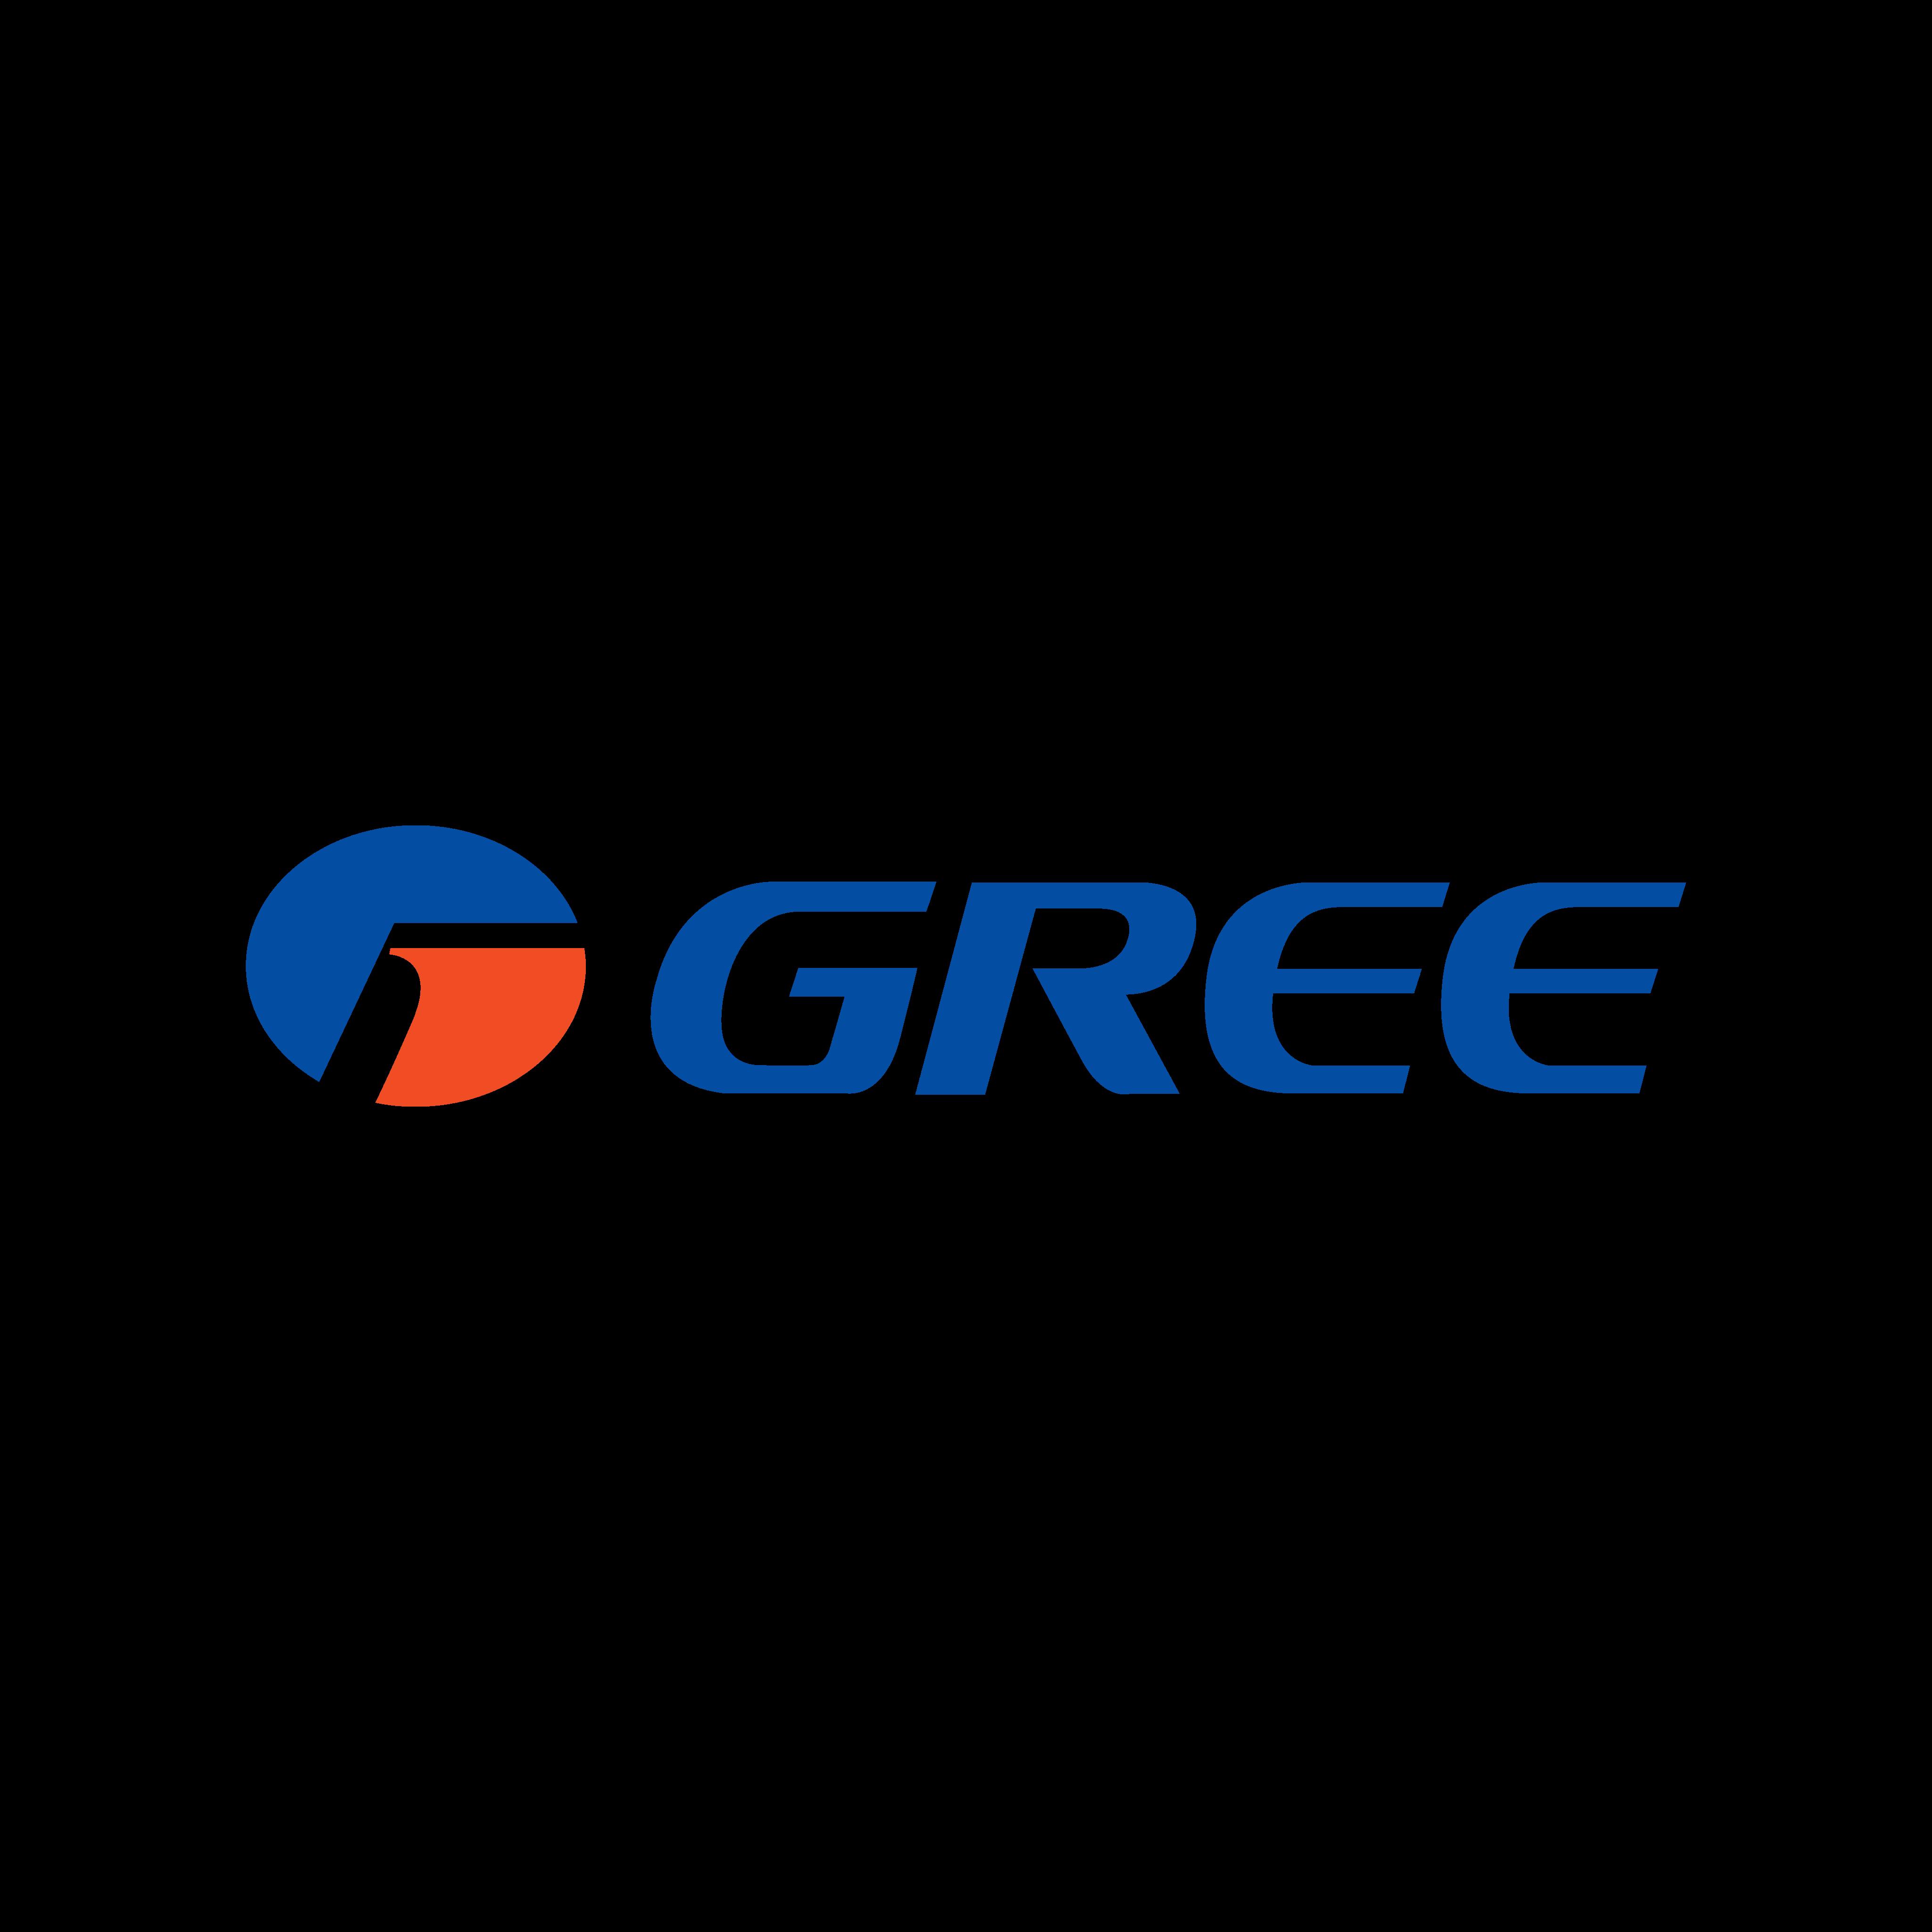 gree logo 0 - Gree Logo